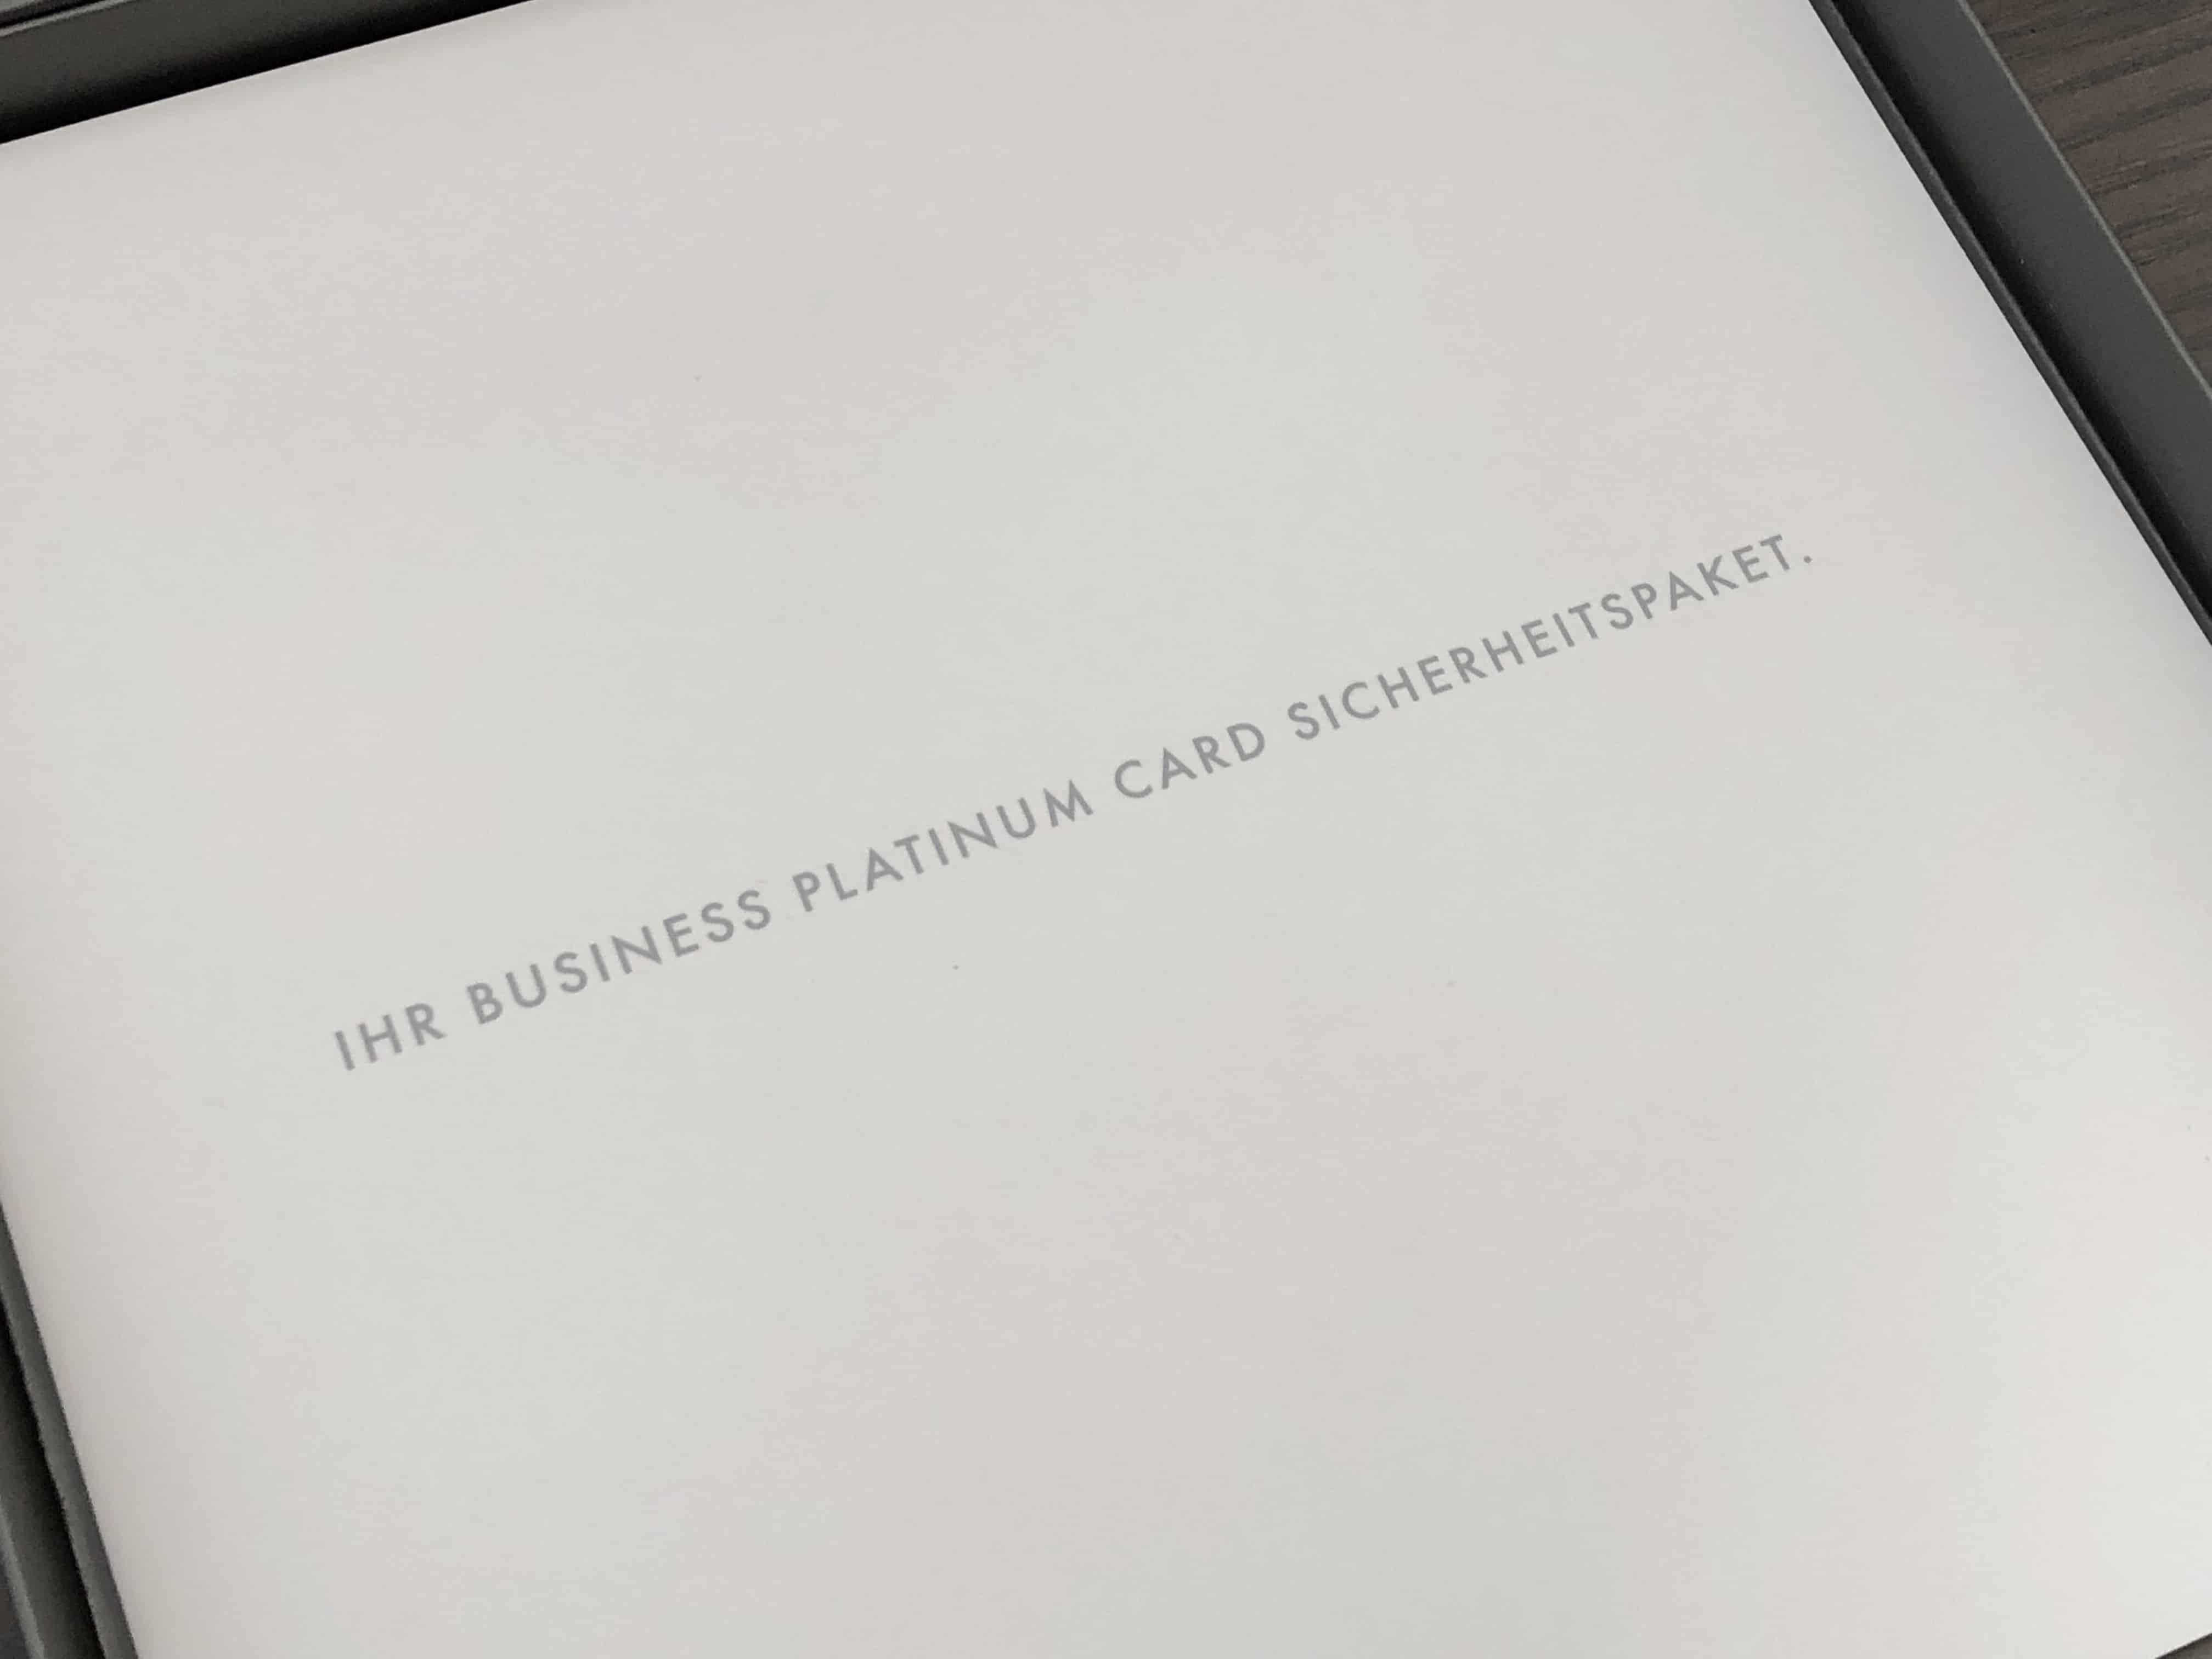 American Express Platinum Card Sicherheitspaket